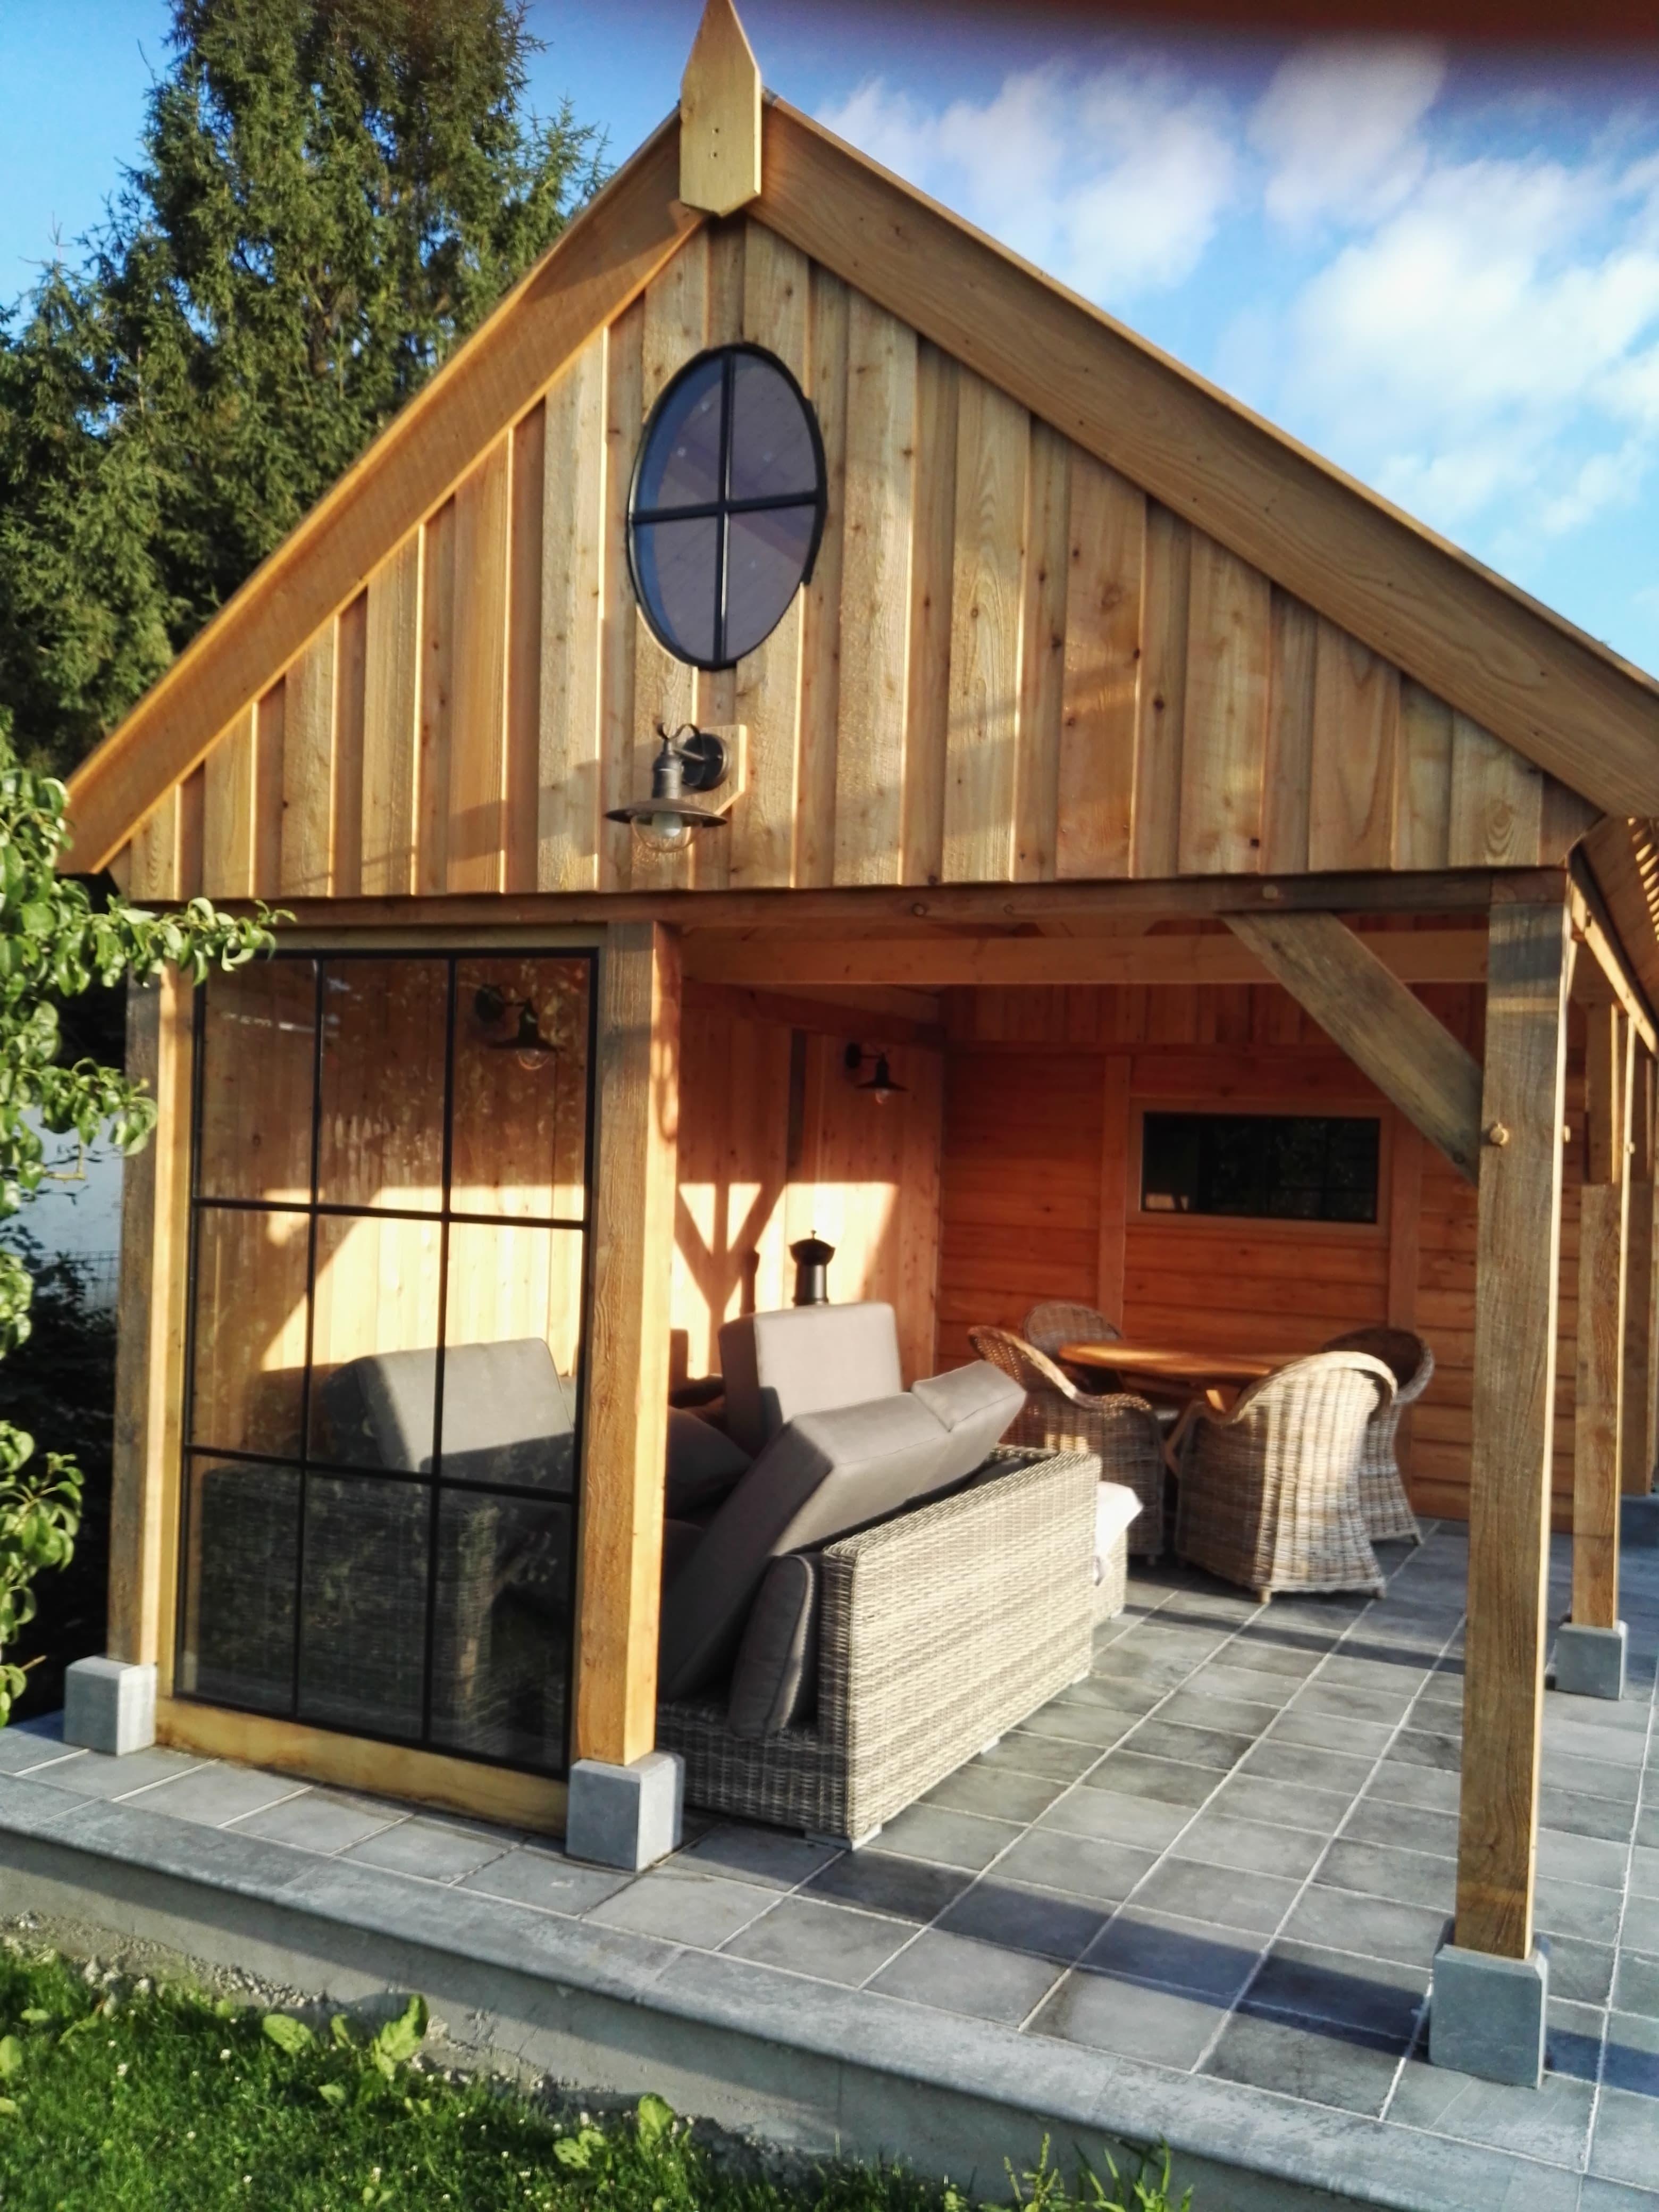 houten-tuinhuizen-2 - houten tuinhuizen